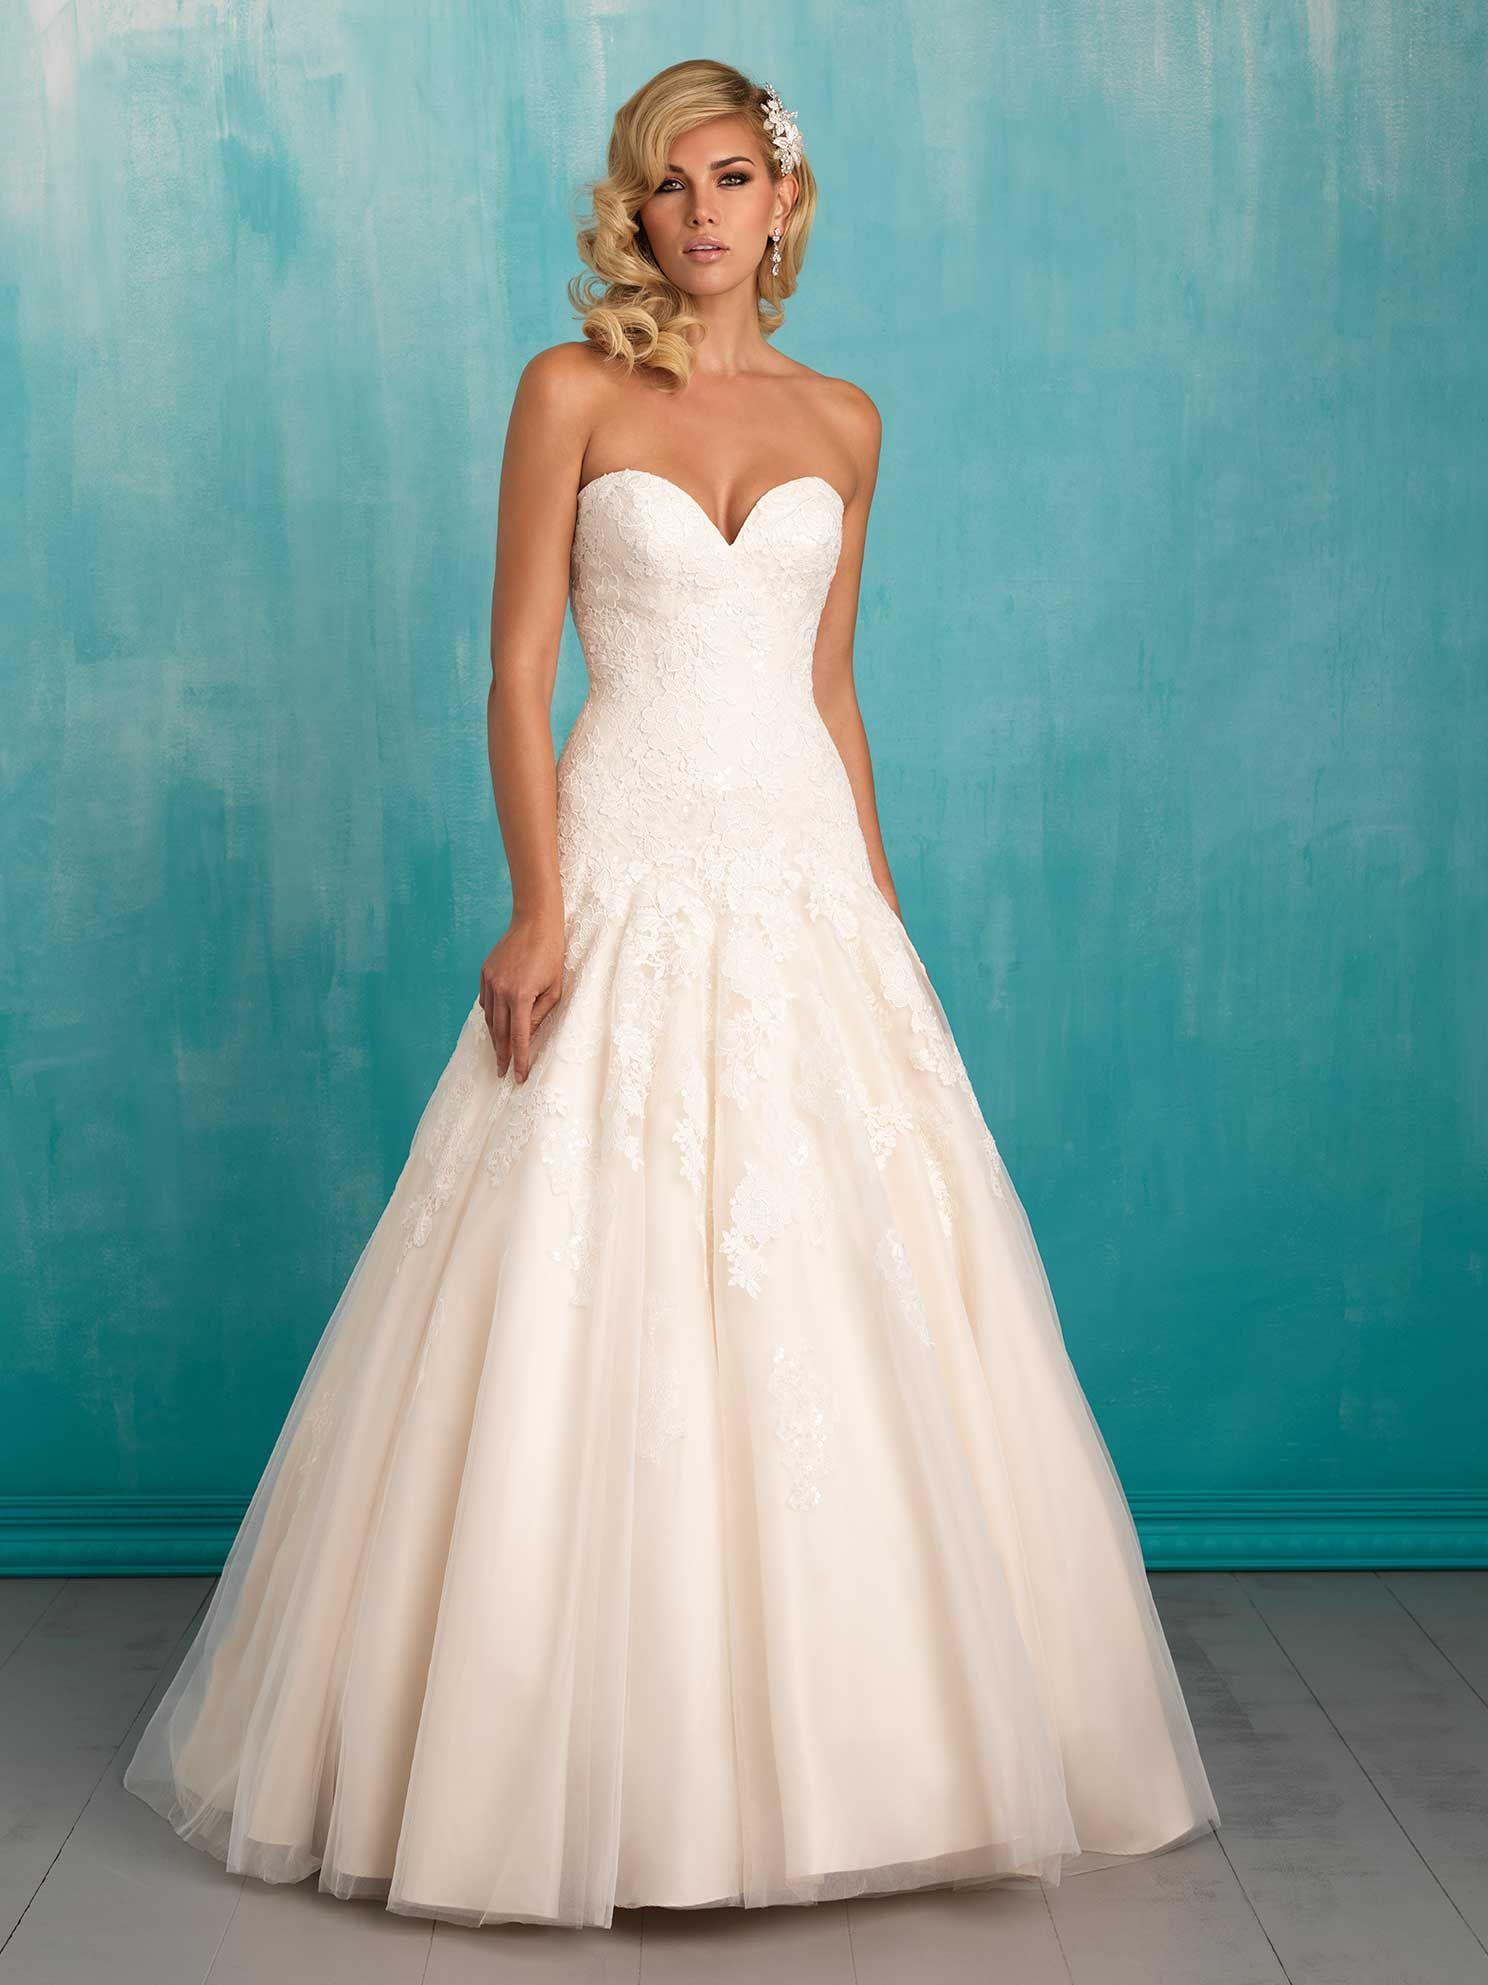 mainimage | Wedding I wish | Pinterest | Allure bridal, Wedding ...